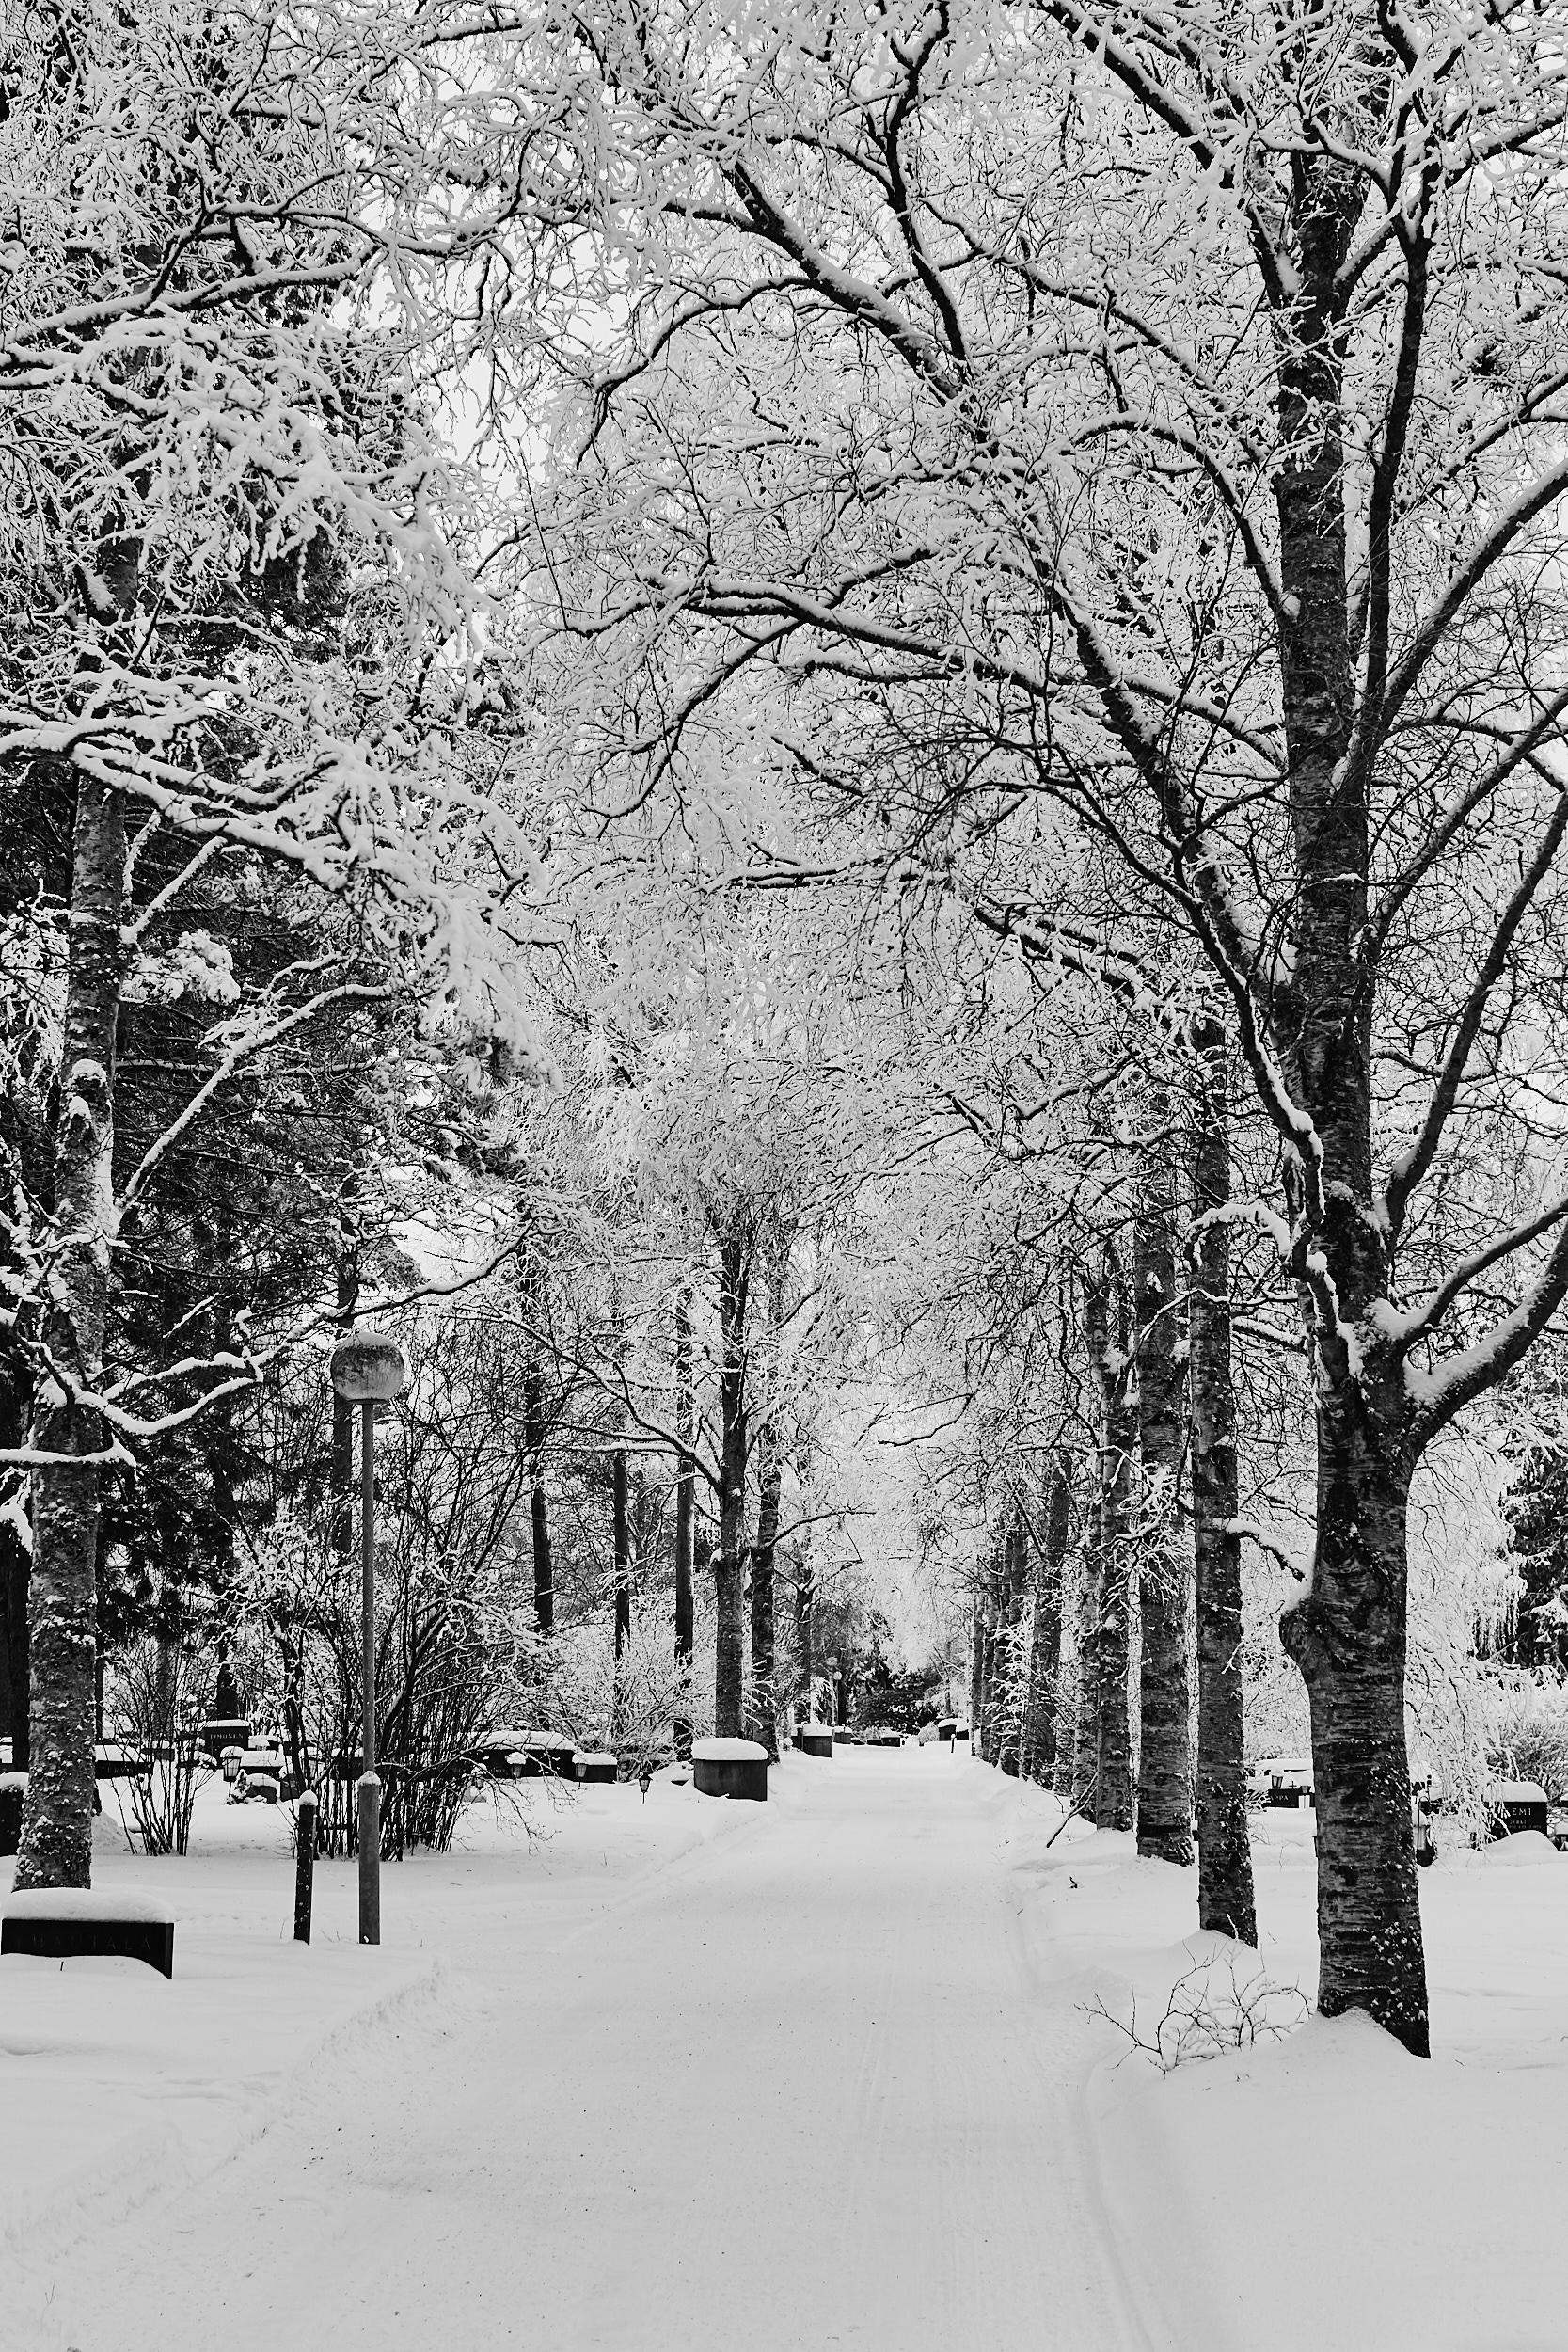 35 mm - 2019-01-24 13.04.42 - Oulu Week 4 Mix.jpg